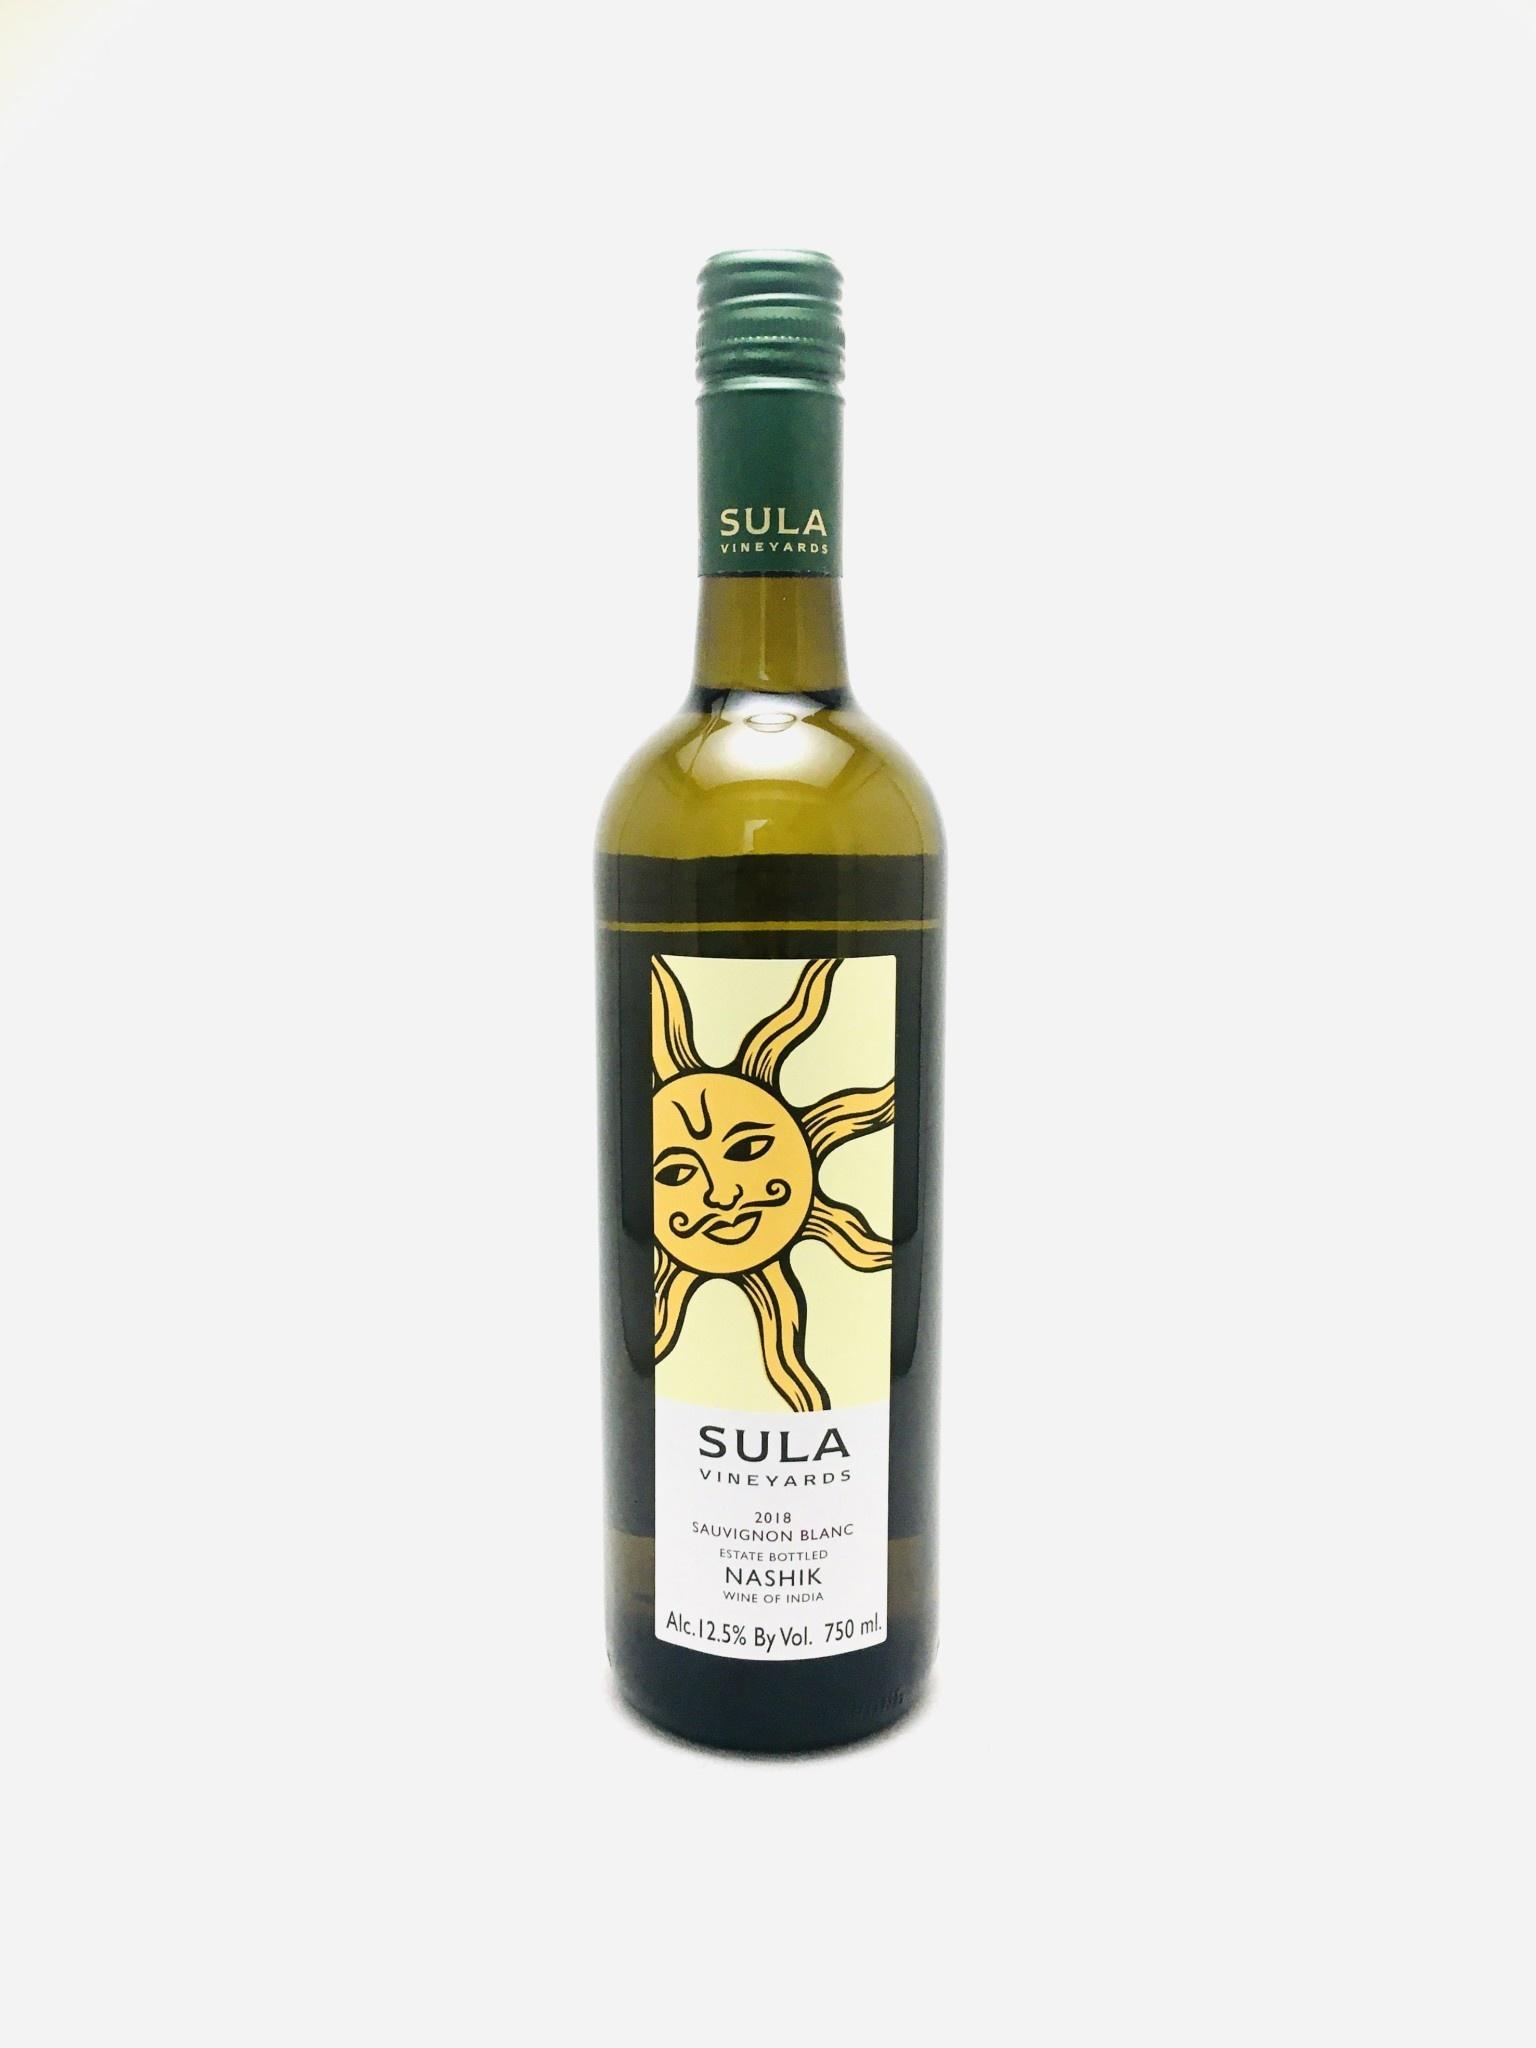 Sula Vineyards Sauvignon Blanc Estate Bottled Nashik India 2018